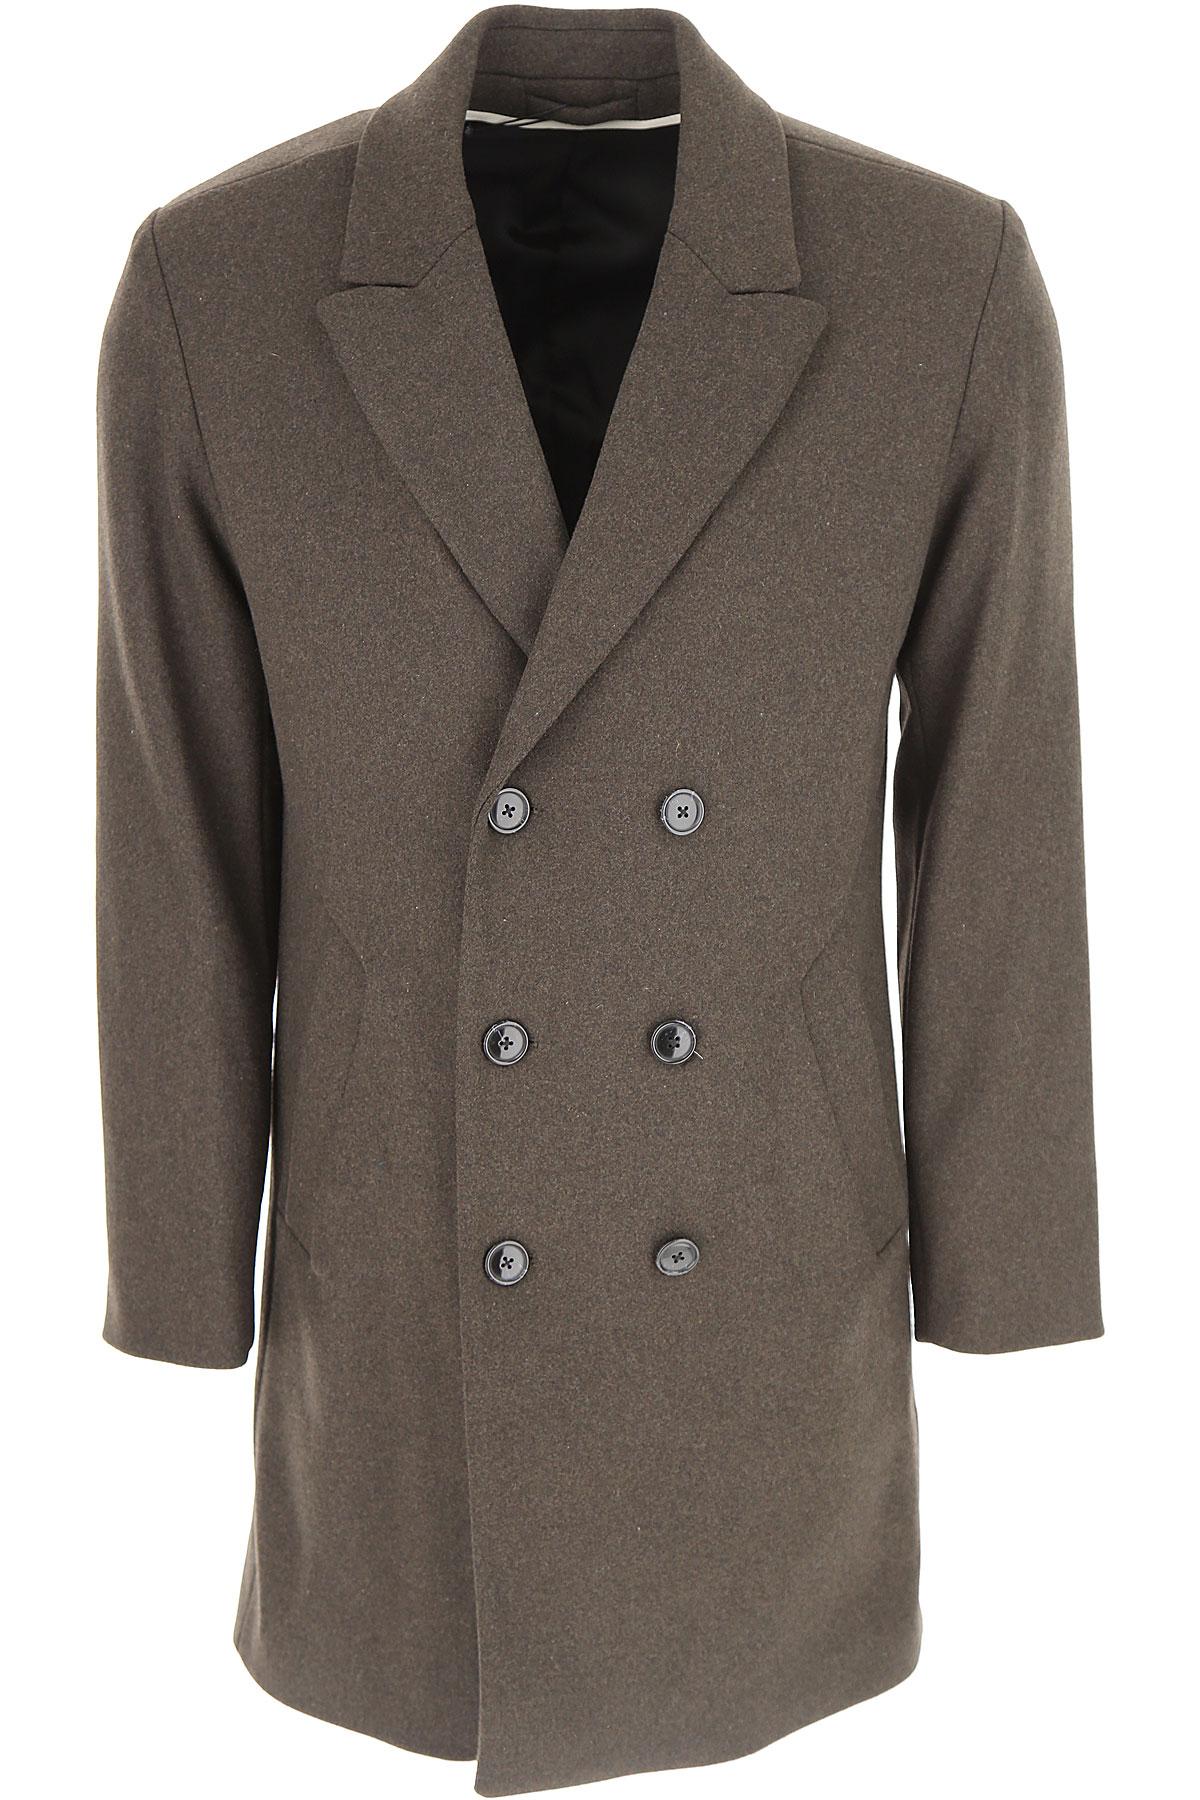 Image of Selected Men\'s Coat, Dark Brown, Wool, 2017, L M S XL